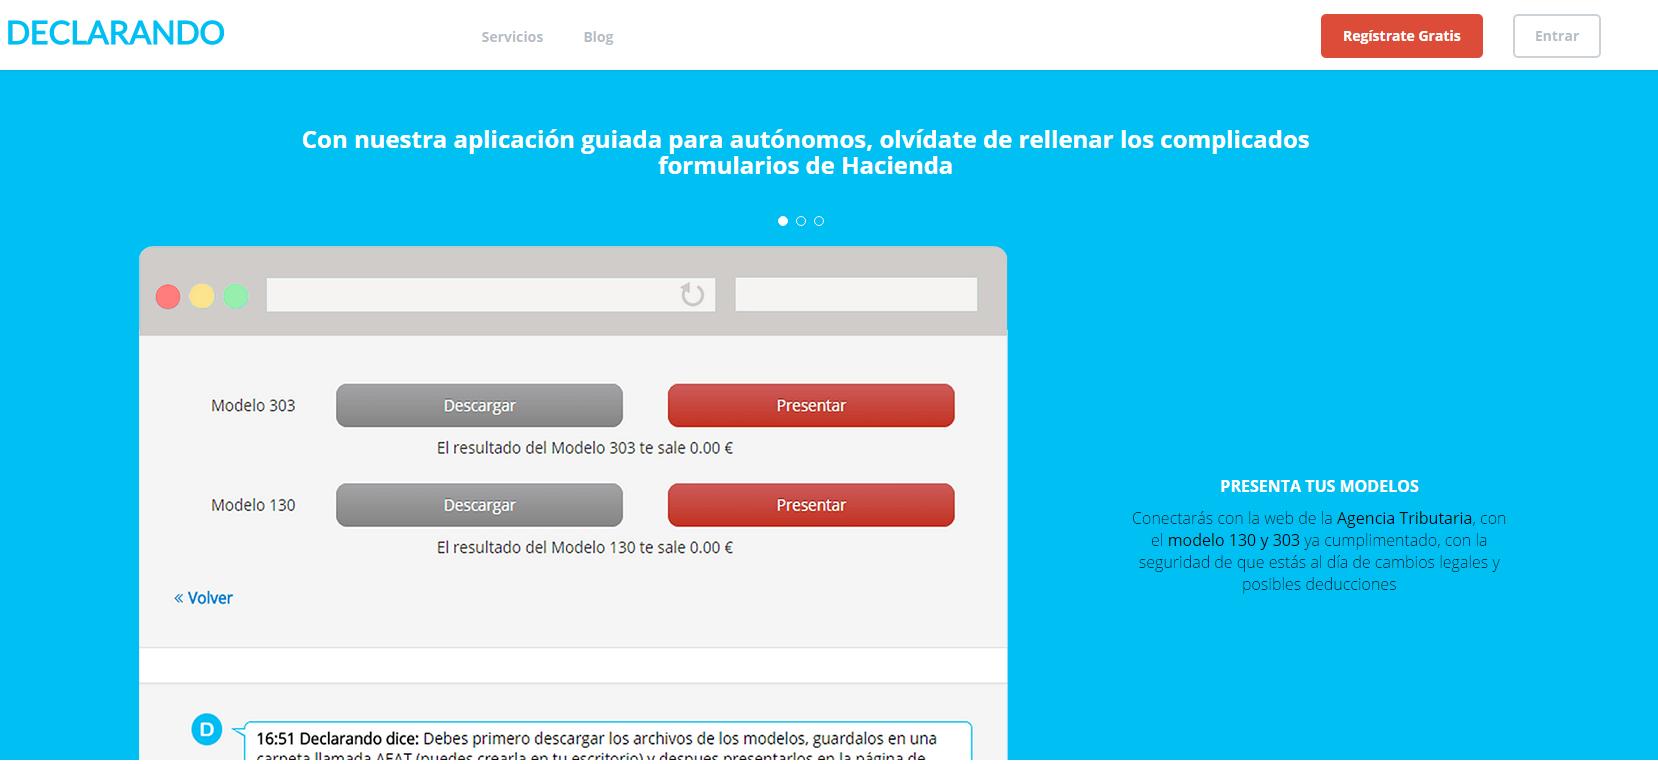 Aplicación web para trámites de autónomos con hacienda. Plan Free.